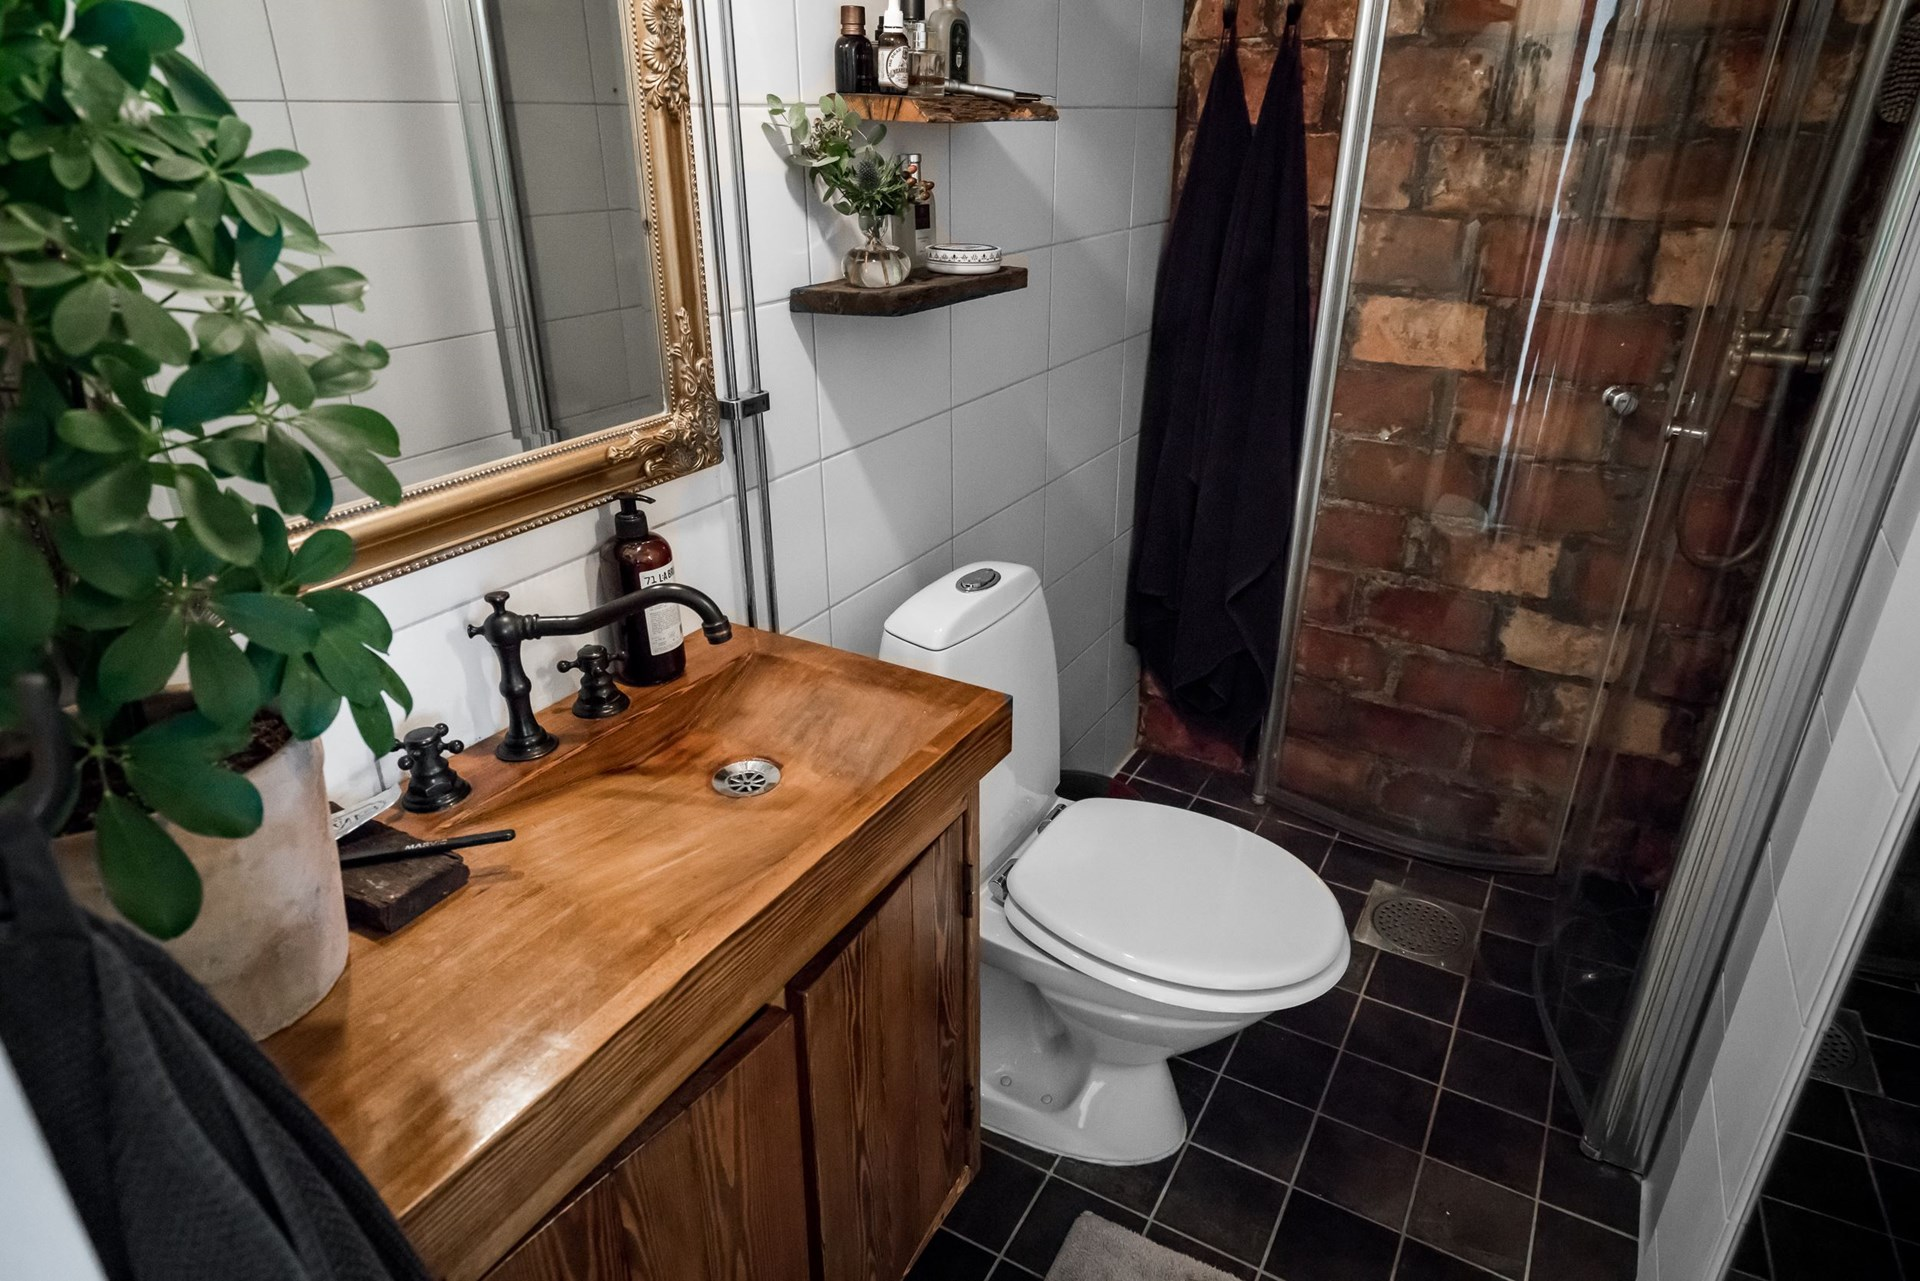 санузел душ трап кирпичная стена деревянная раковина смеситель комод зеркало рама